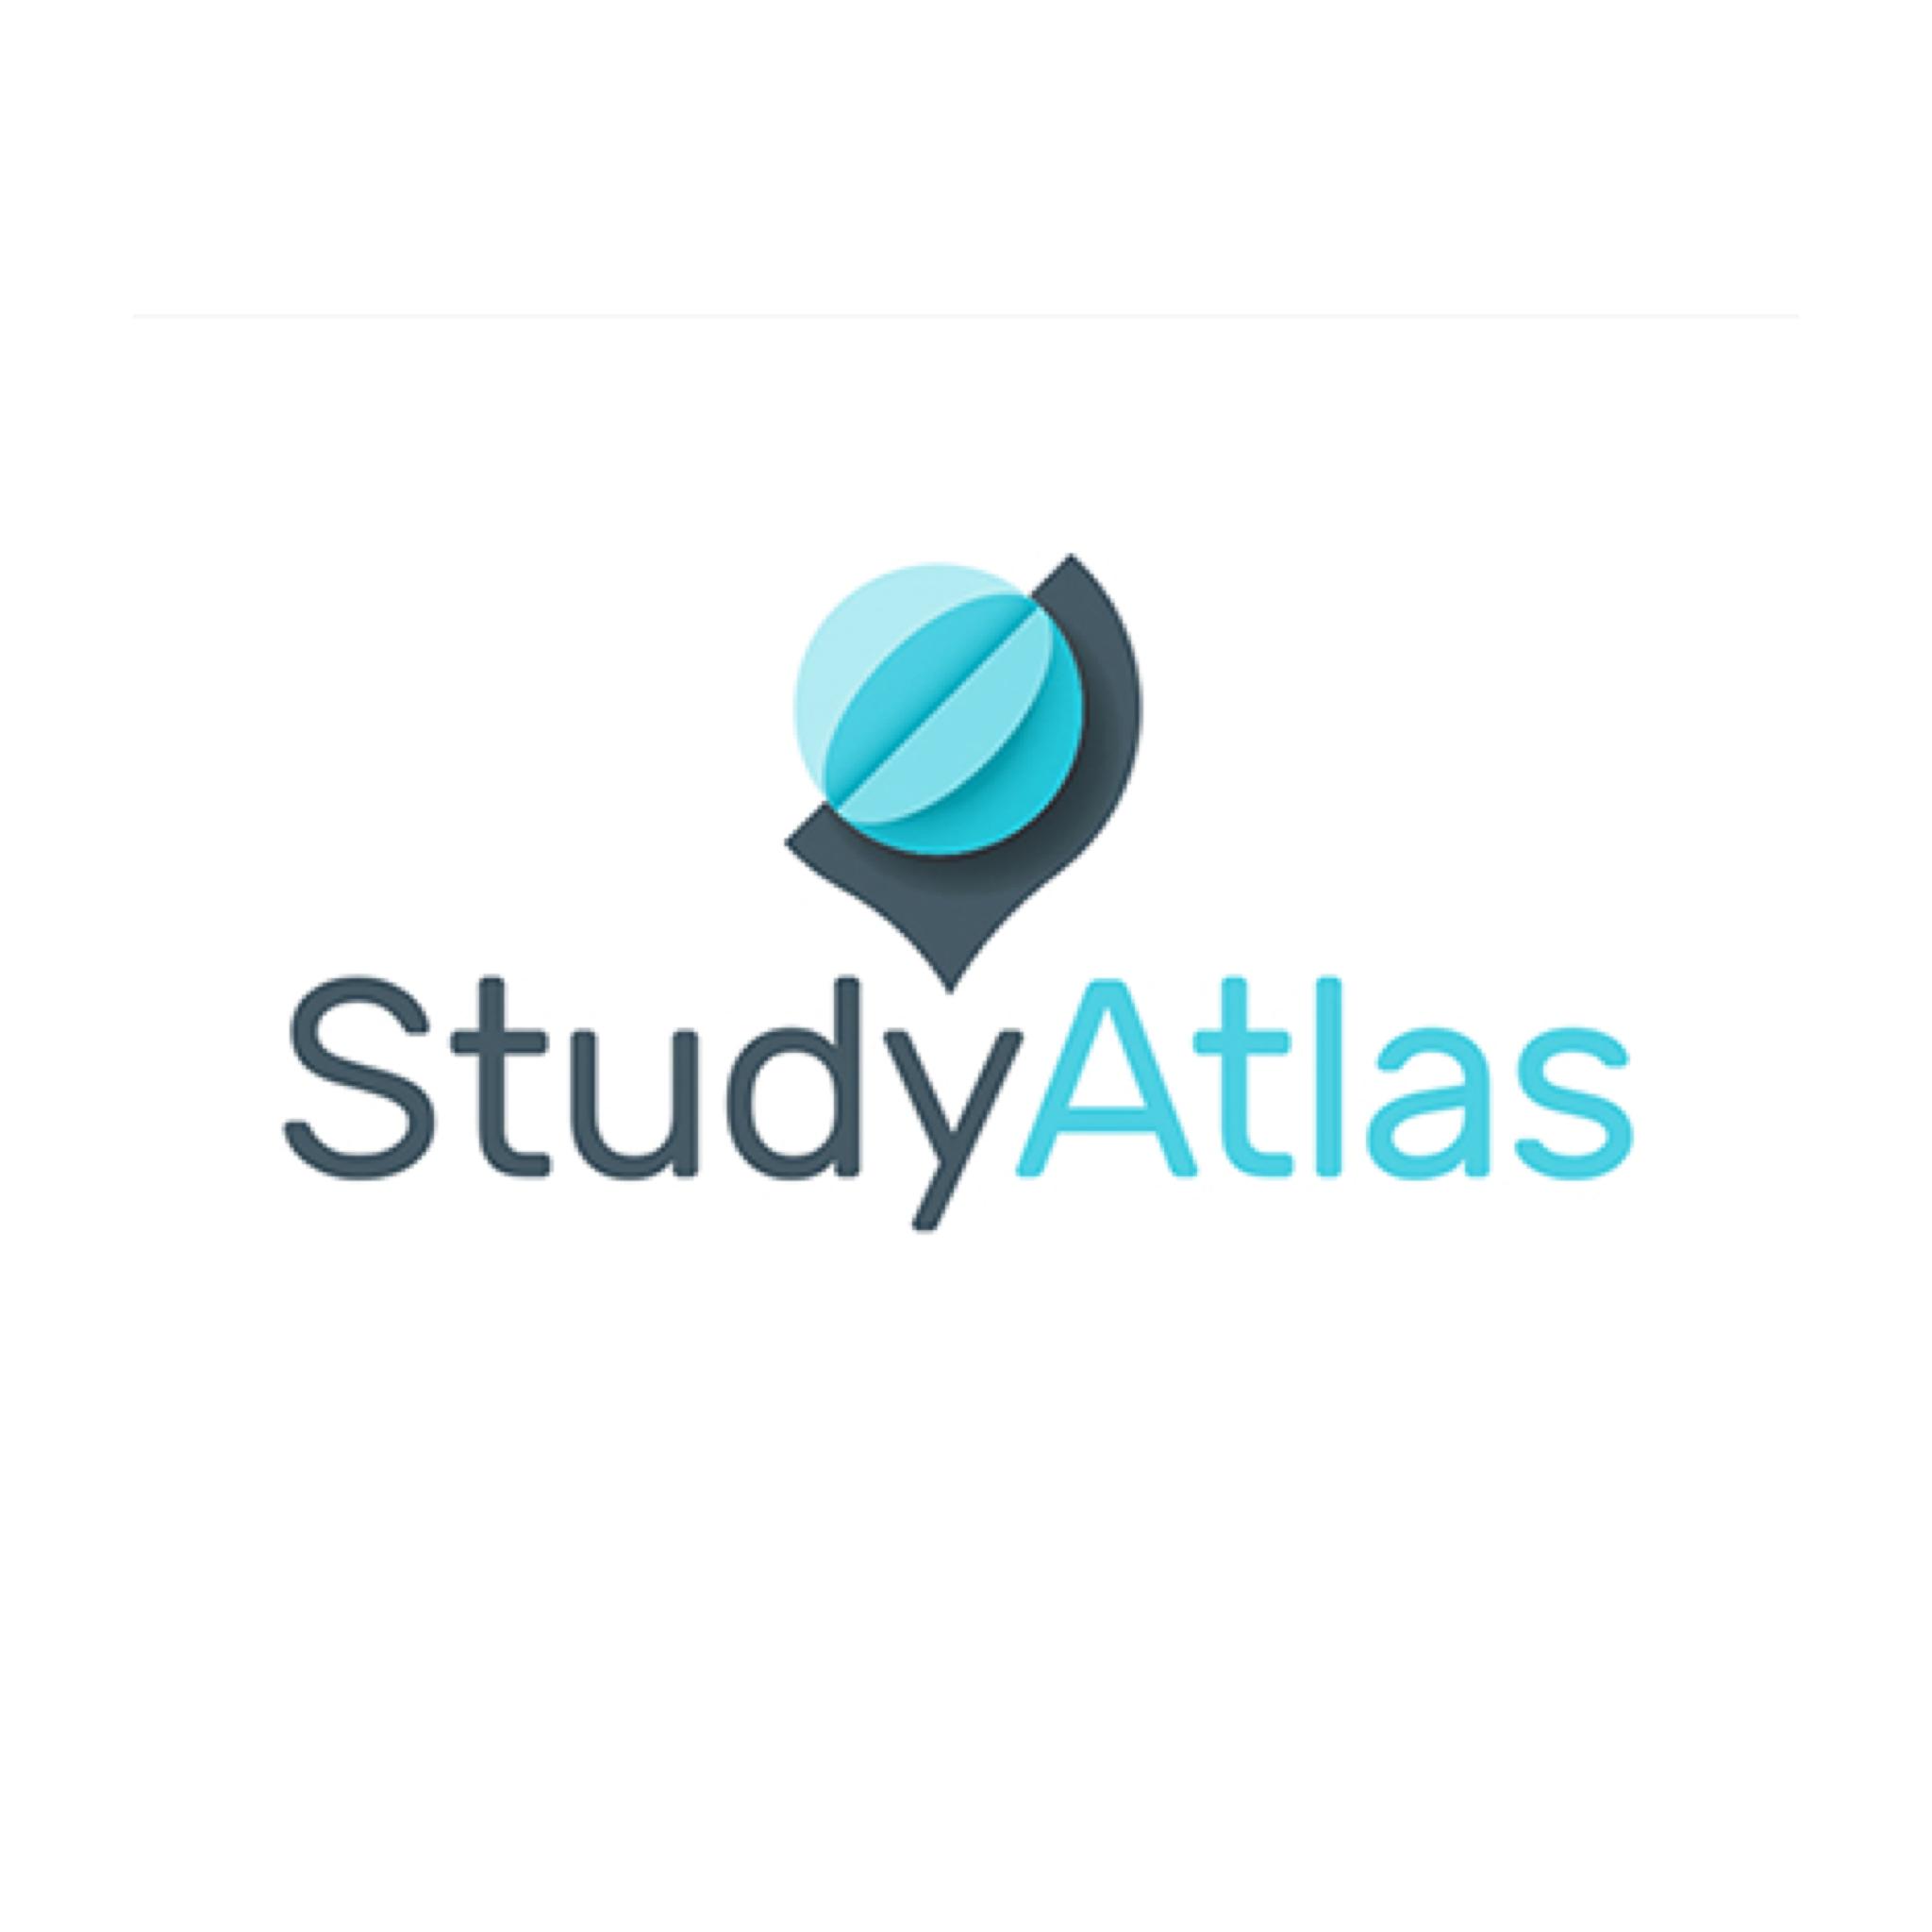 StudyAtlas (白边).png